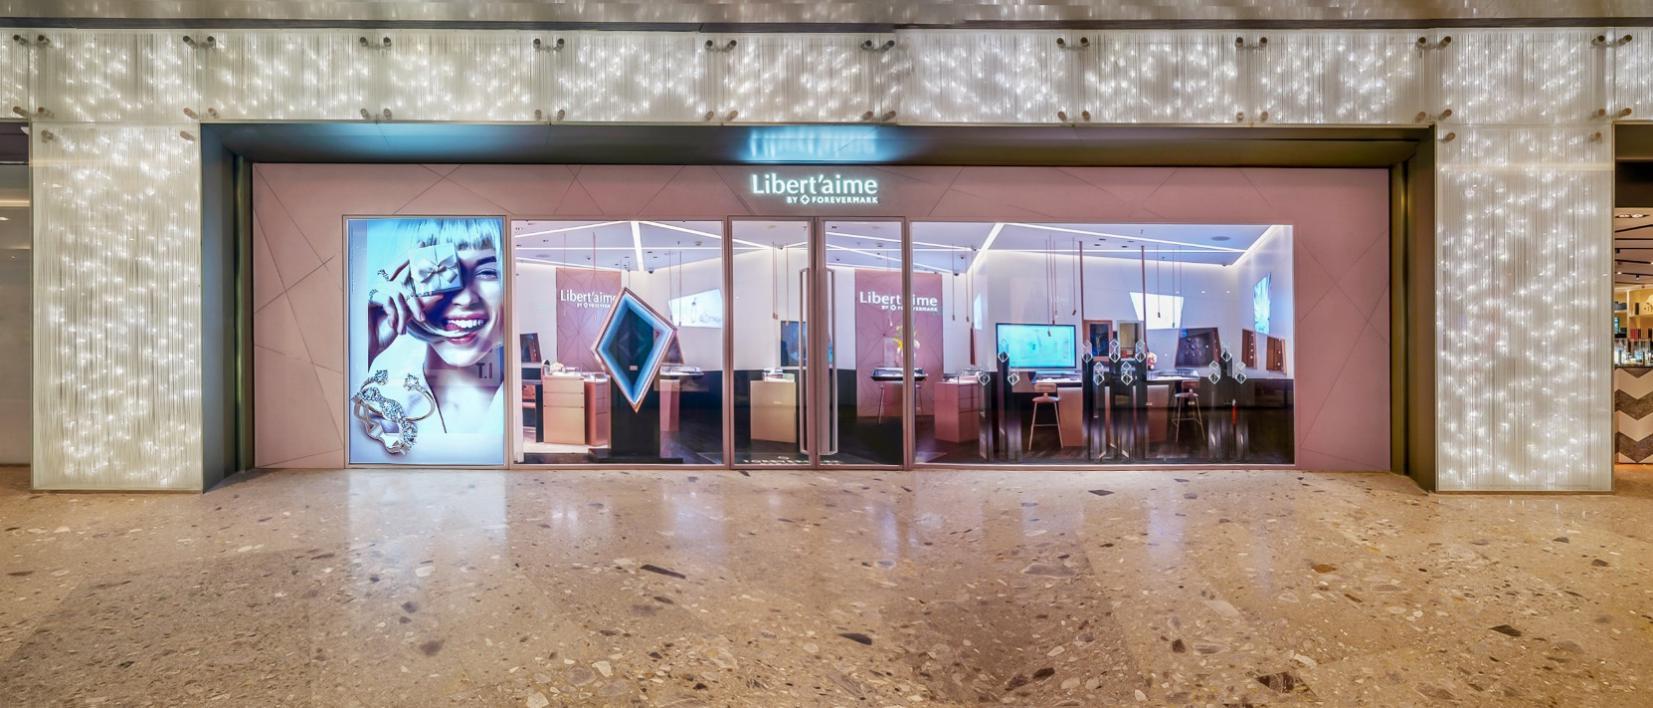 Libertaime深圳万象天地全球第三家品牌旗舰店闪耀深圳 摩登风尚钻饰升级零售体验续梦真我如钻